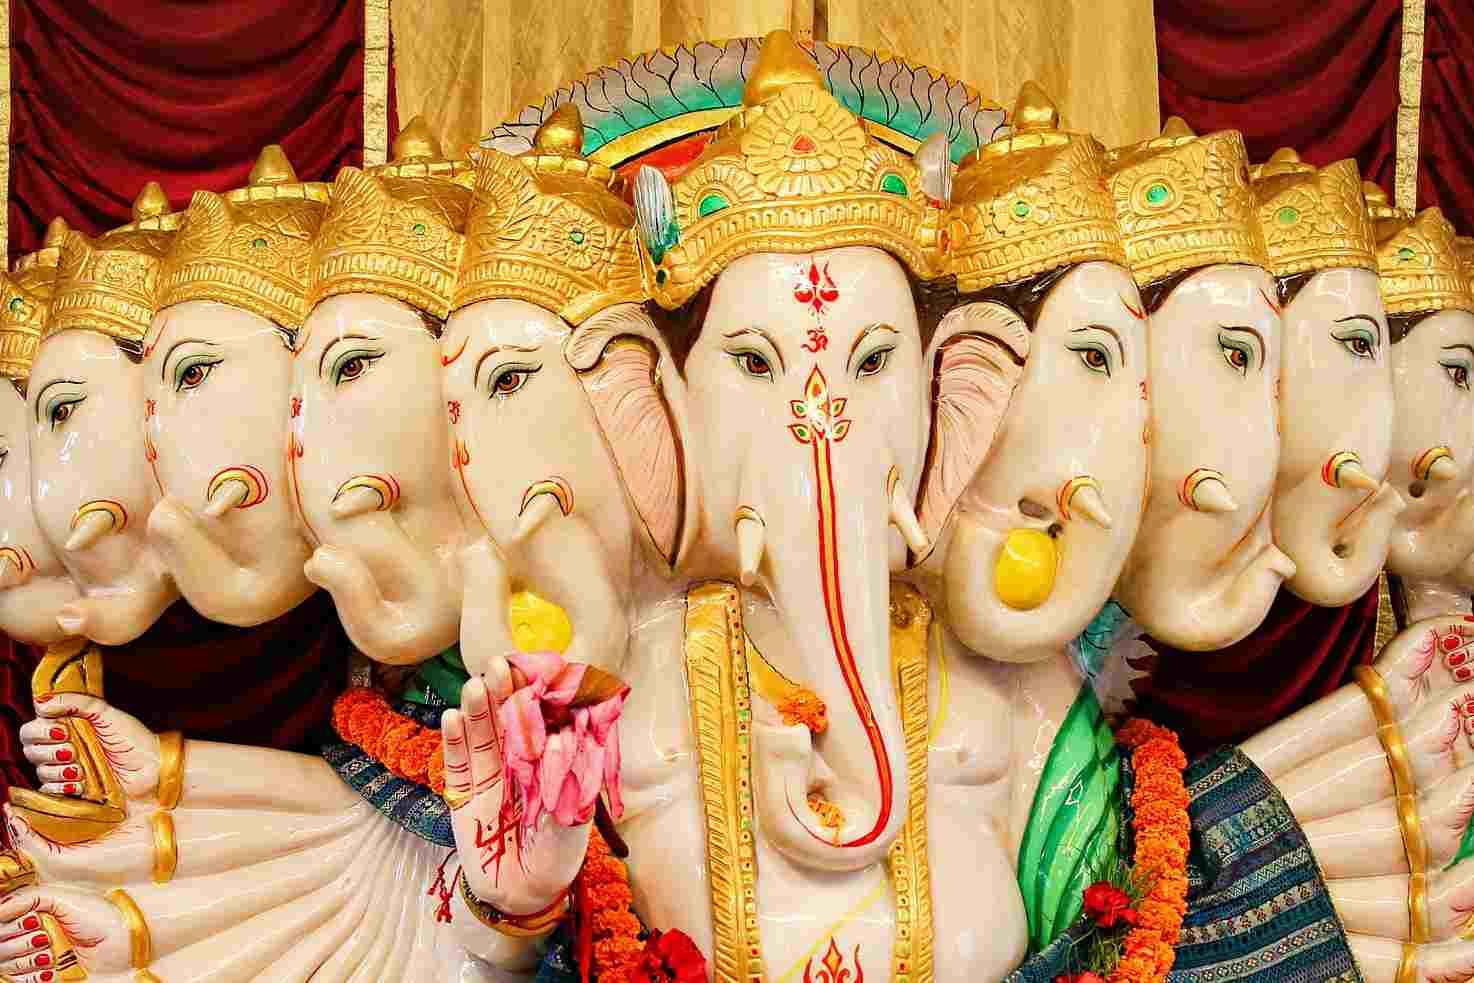 Un dios de la cultura hindú vestido con ropas coloridas, muchas caras y brazos y colgantes de flores